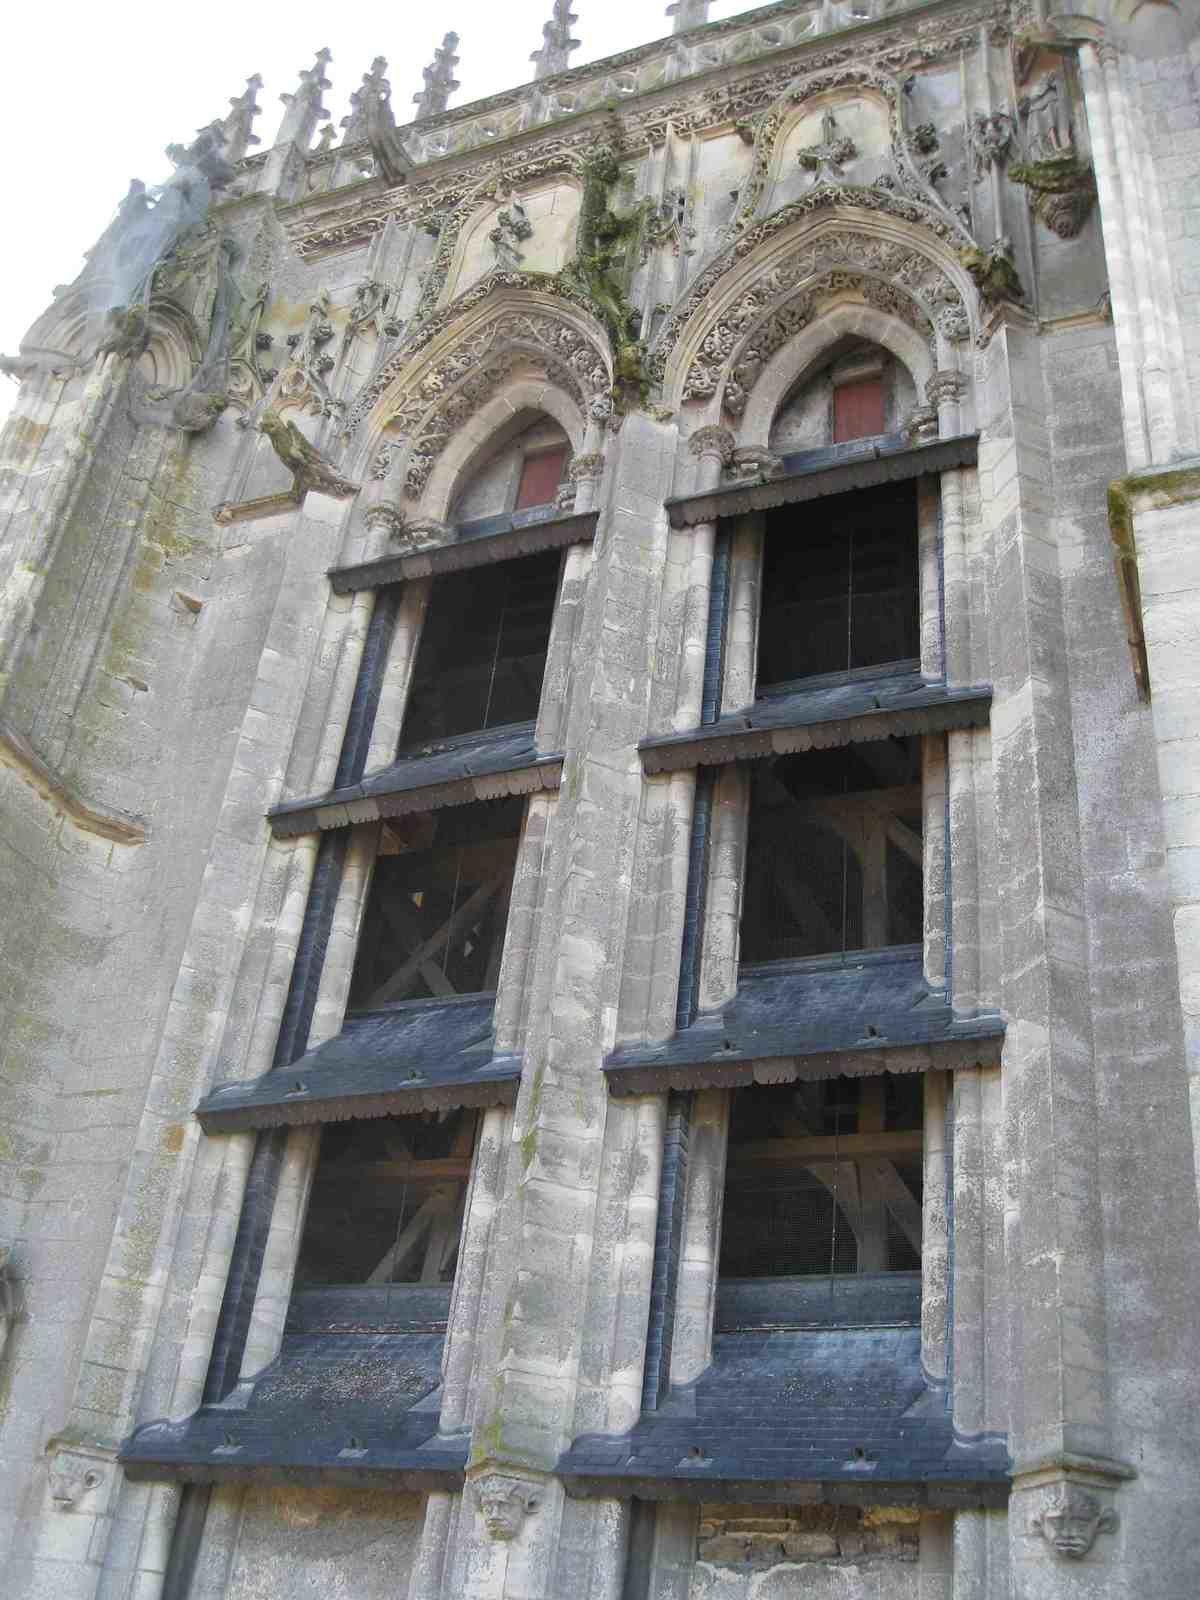 vue du beffroi à travers les ouvertures du clocher.